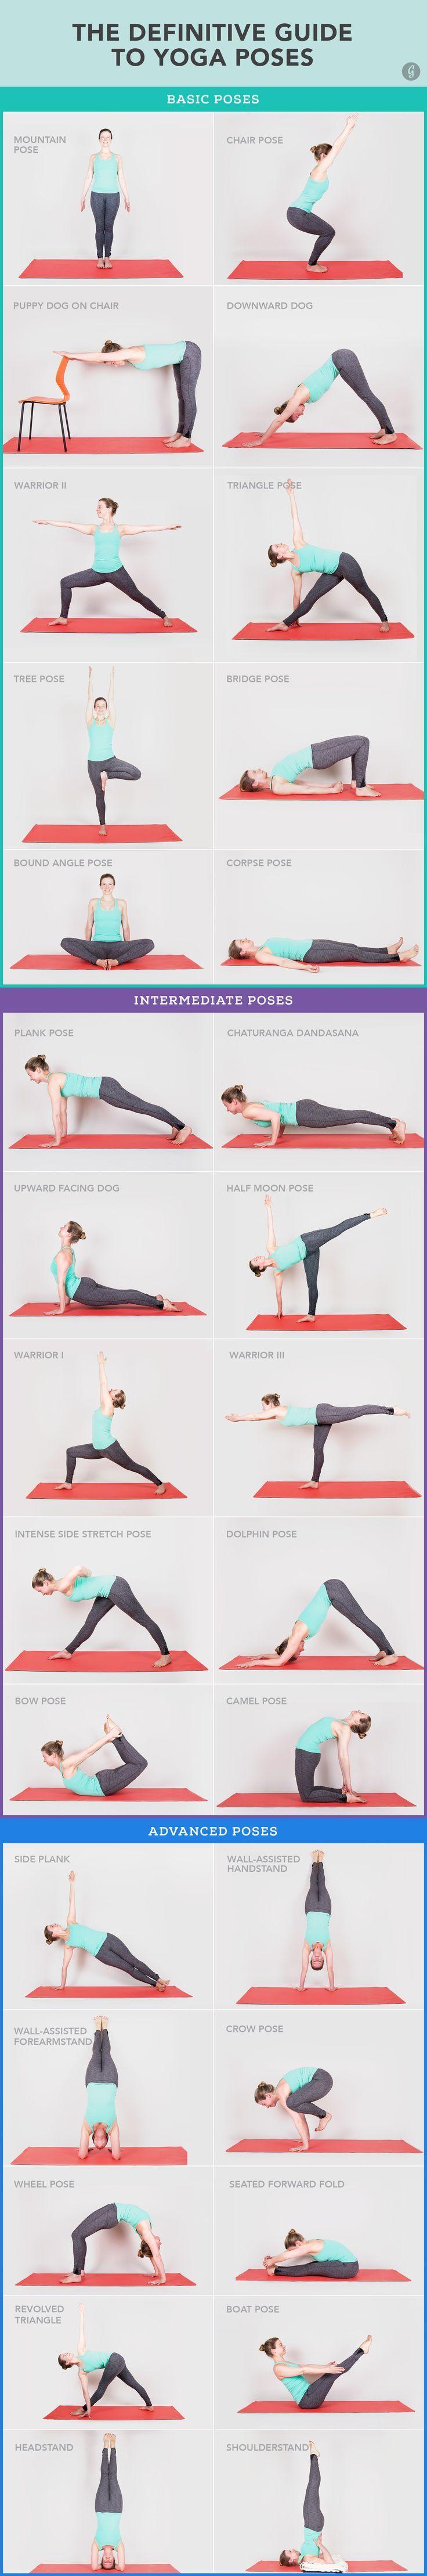 30 Yoga Poses You Really Need To Know #yoga #stretch #FiberPasta #fitness #alimentazione #mangiaresano #nutrizione #alimentazionesana #dietasana #benessere #salute #dimagrimento #dieta #sport #diabete #colesterolo #infografica